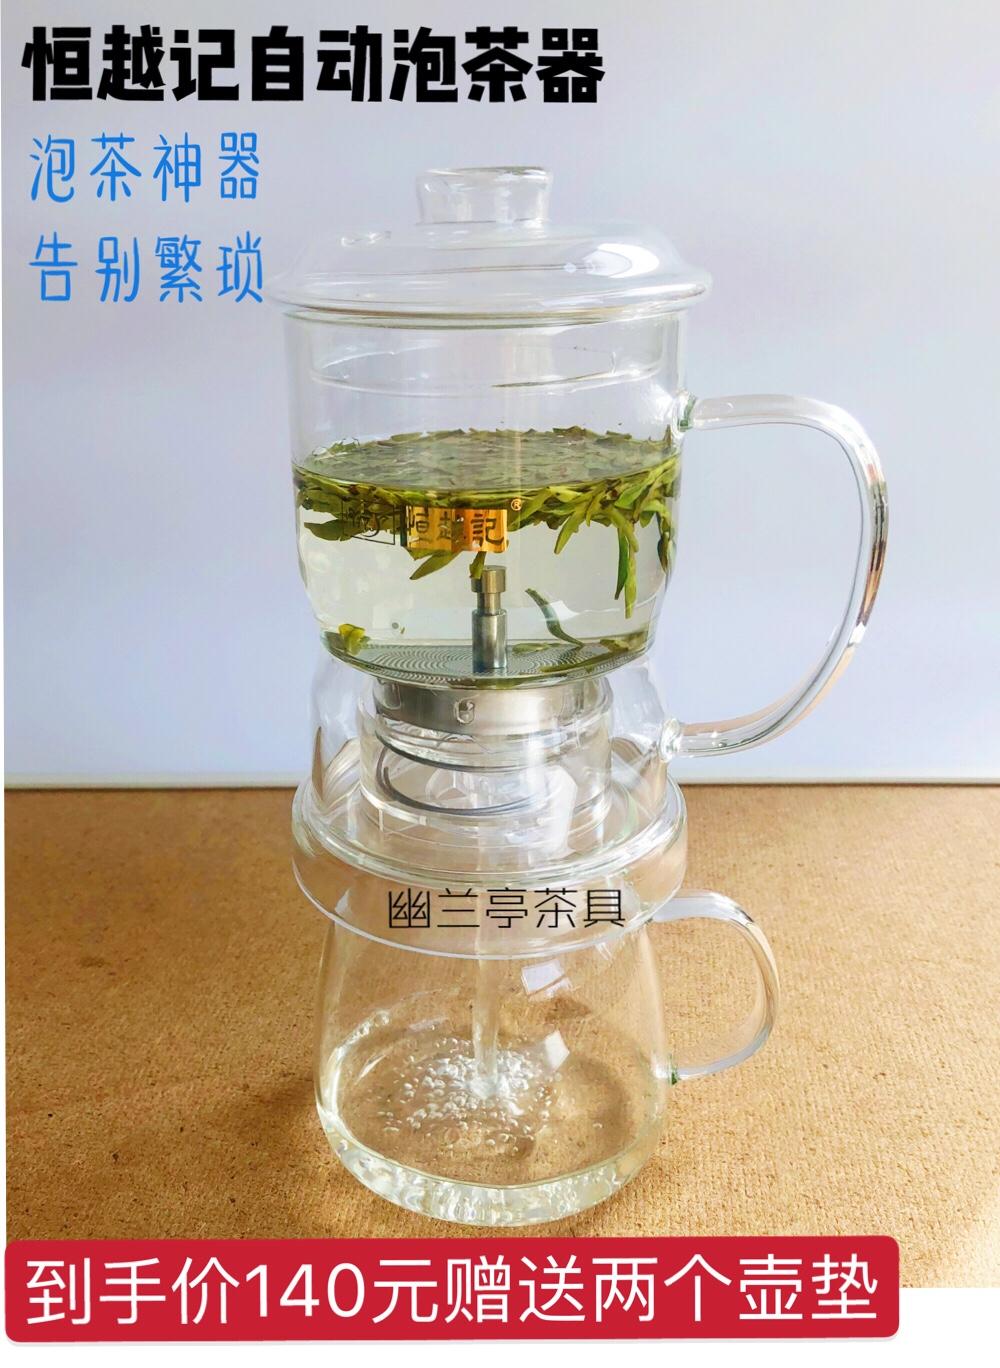 恒越记热销自动泡茶器玻璃茶具套装耐热懒人泡茶家用花茶壶泡茶杯